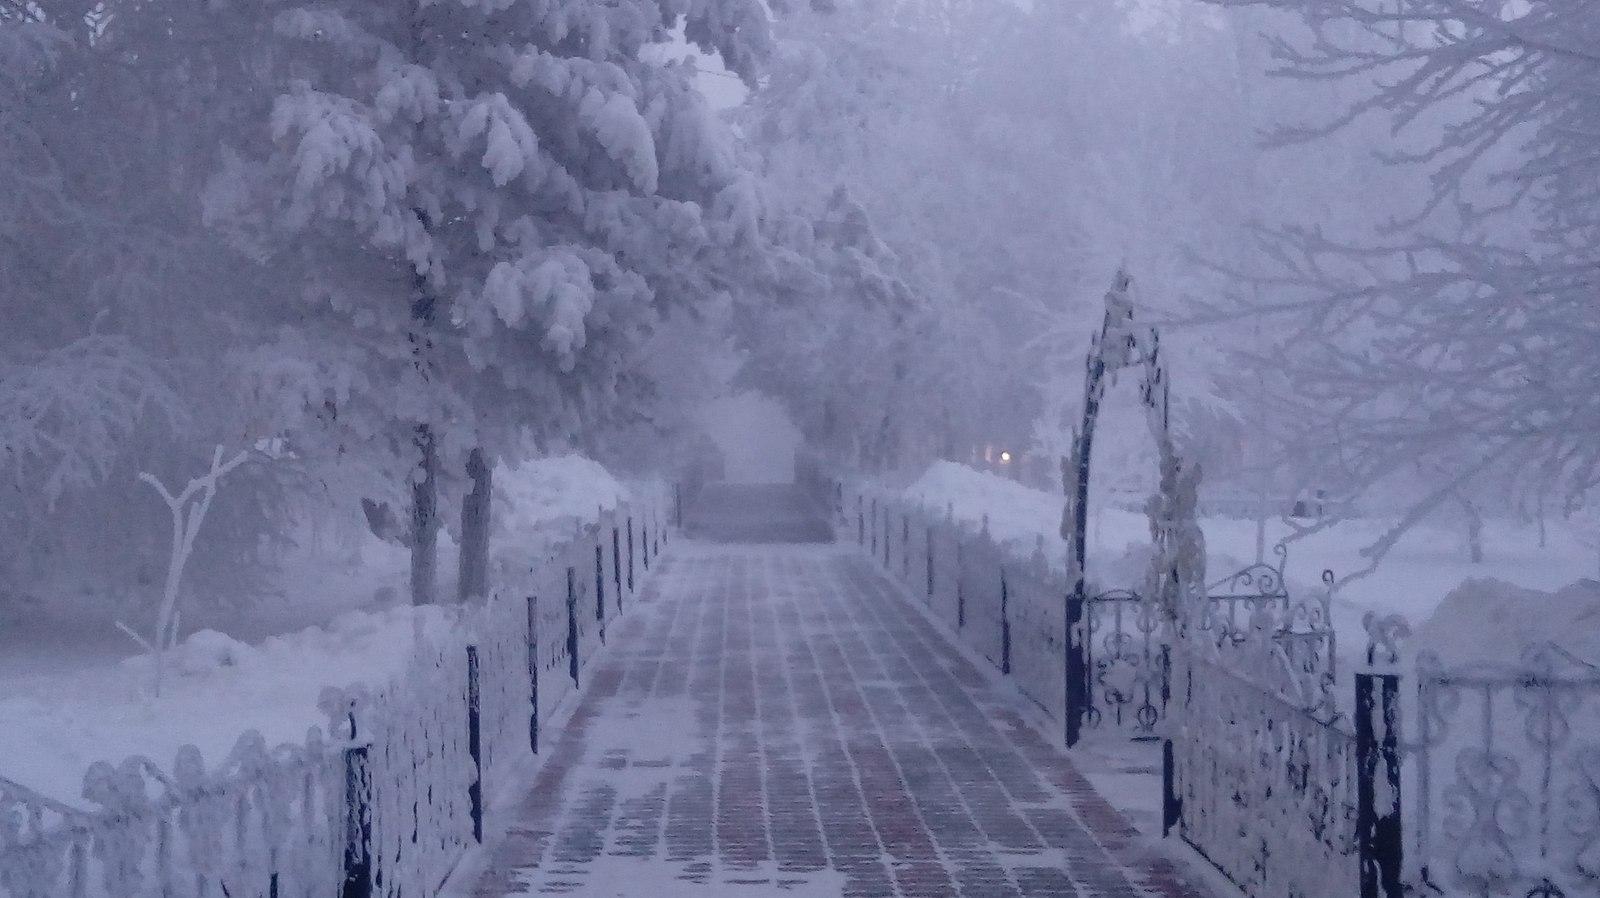 Погода в Казахстане: морозы свыше 30 градусов прогнозируют синоптики в четырех областях